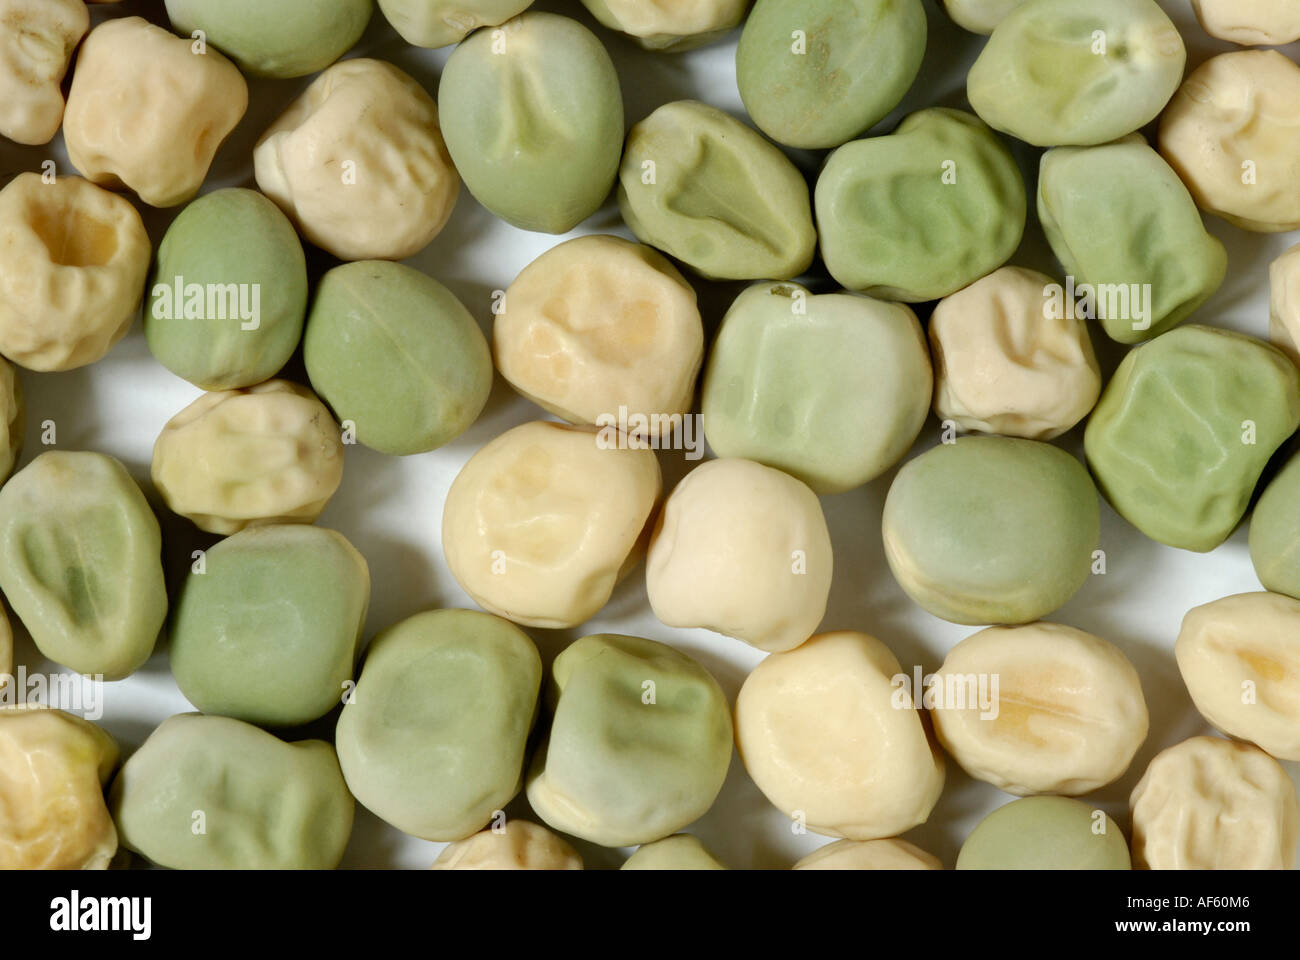 Las semillas de guisante verde, amarillo, liso, arrugado, rasgos Gregor Mendel estudió la herencia genética en sus experimentos. Imagen De Stock